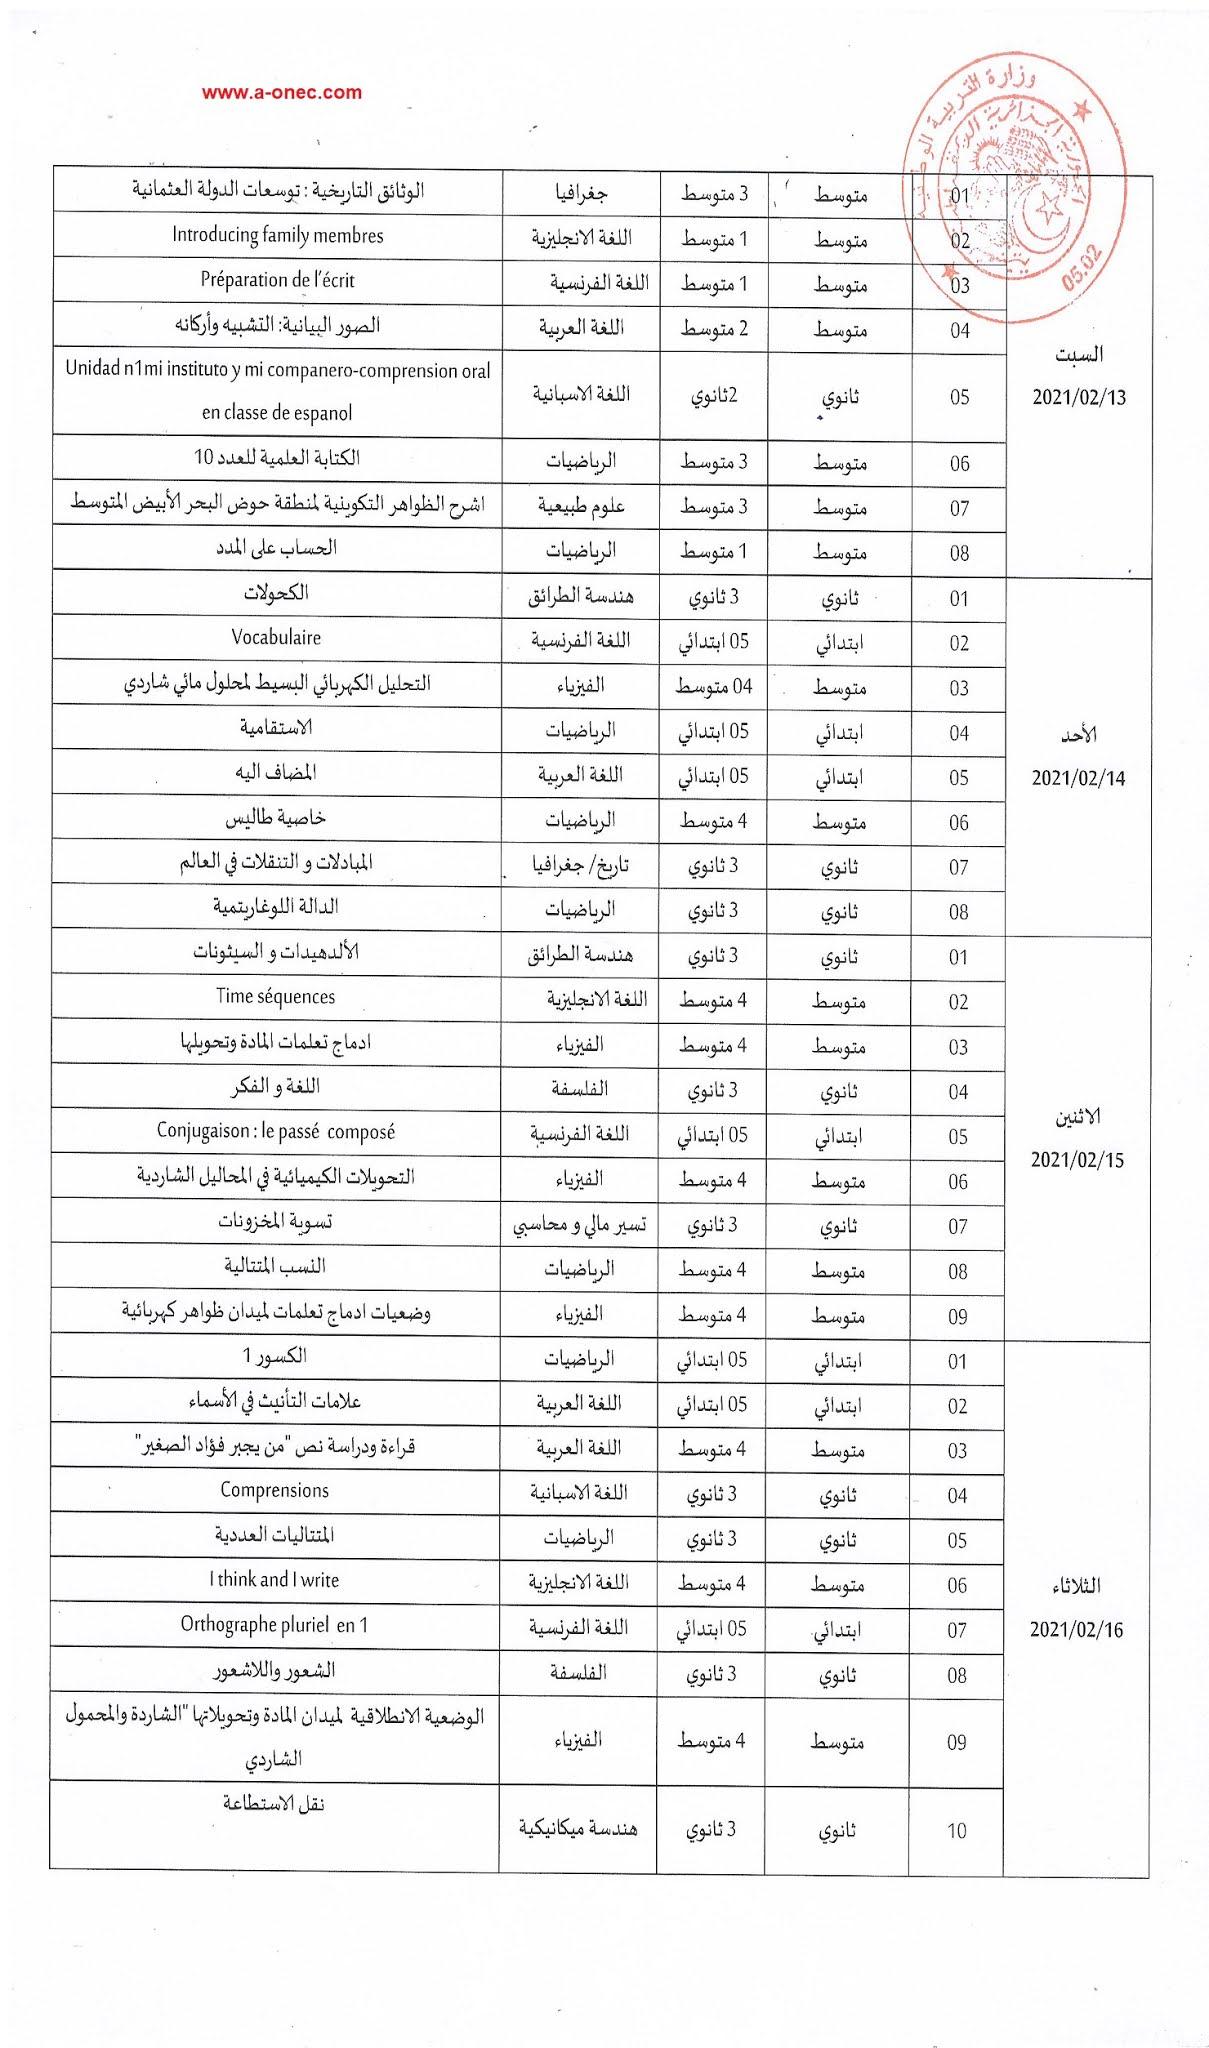 مفاتيح النجاح حسب المراحل التعليمية والمواد من 10 جانفي إلى 25 فيفري 2021